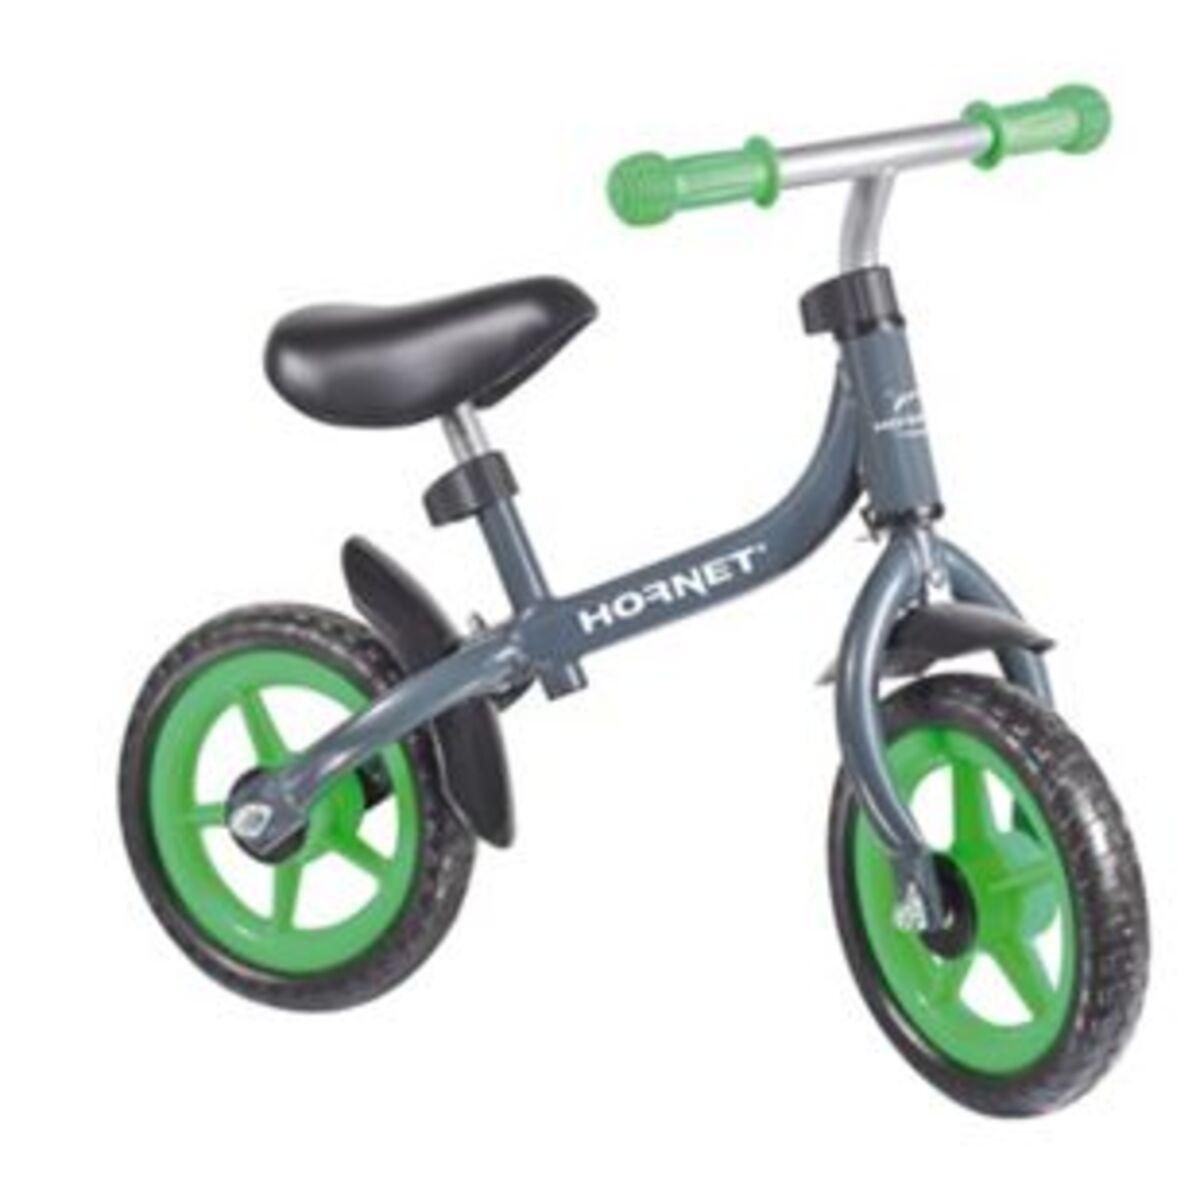 Bild 2 von Hornet Laufrad Bikey 10 Zoll, grau/grün